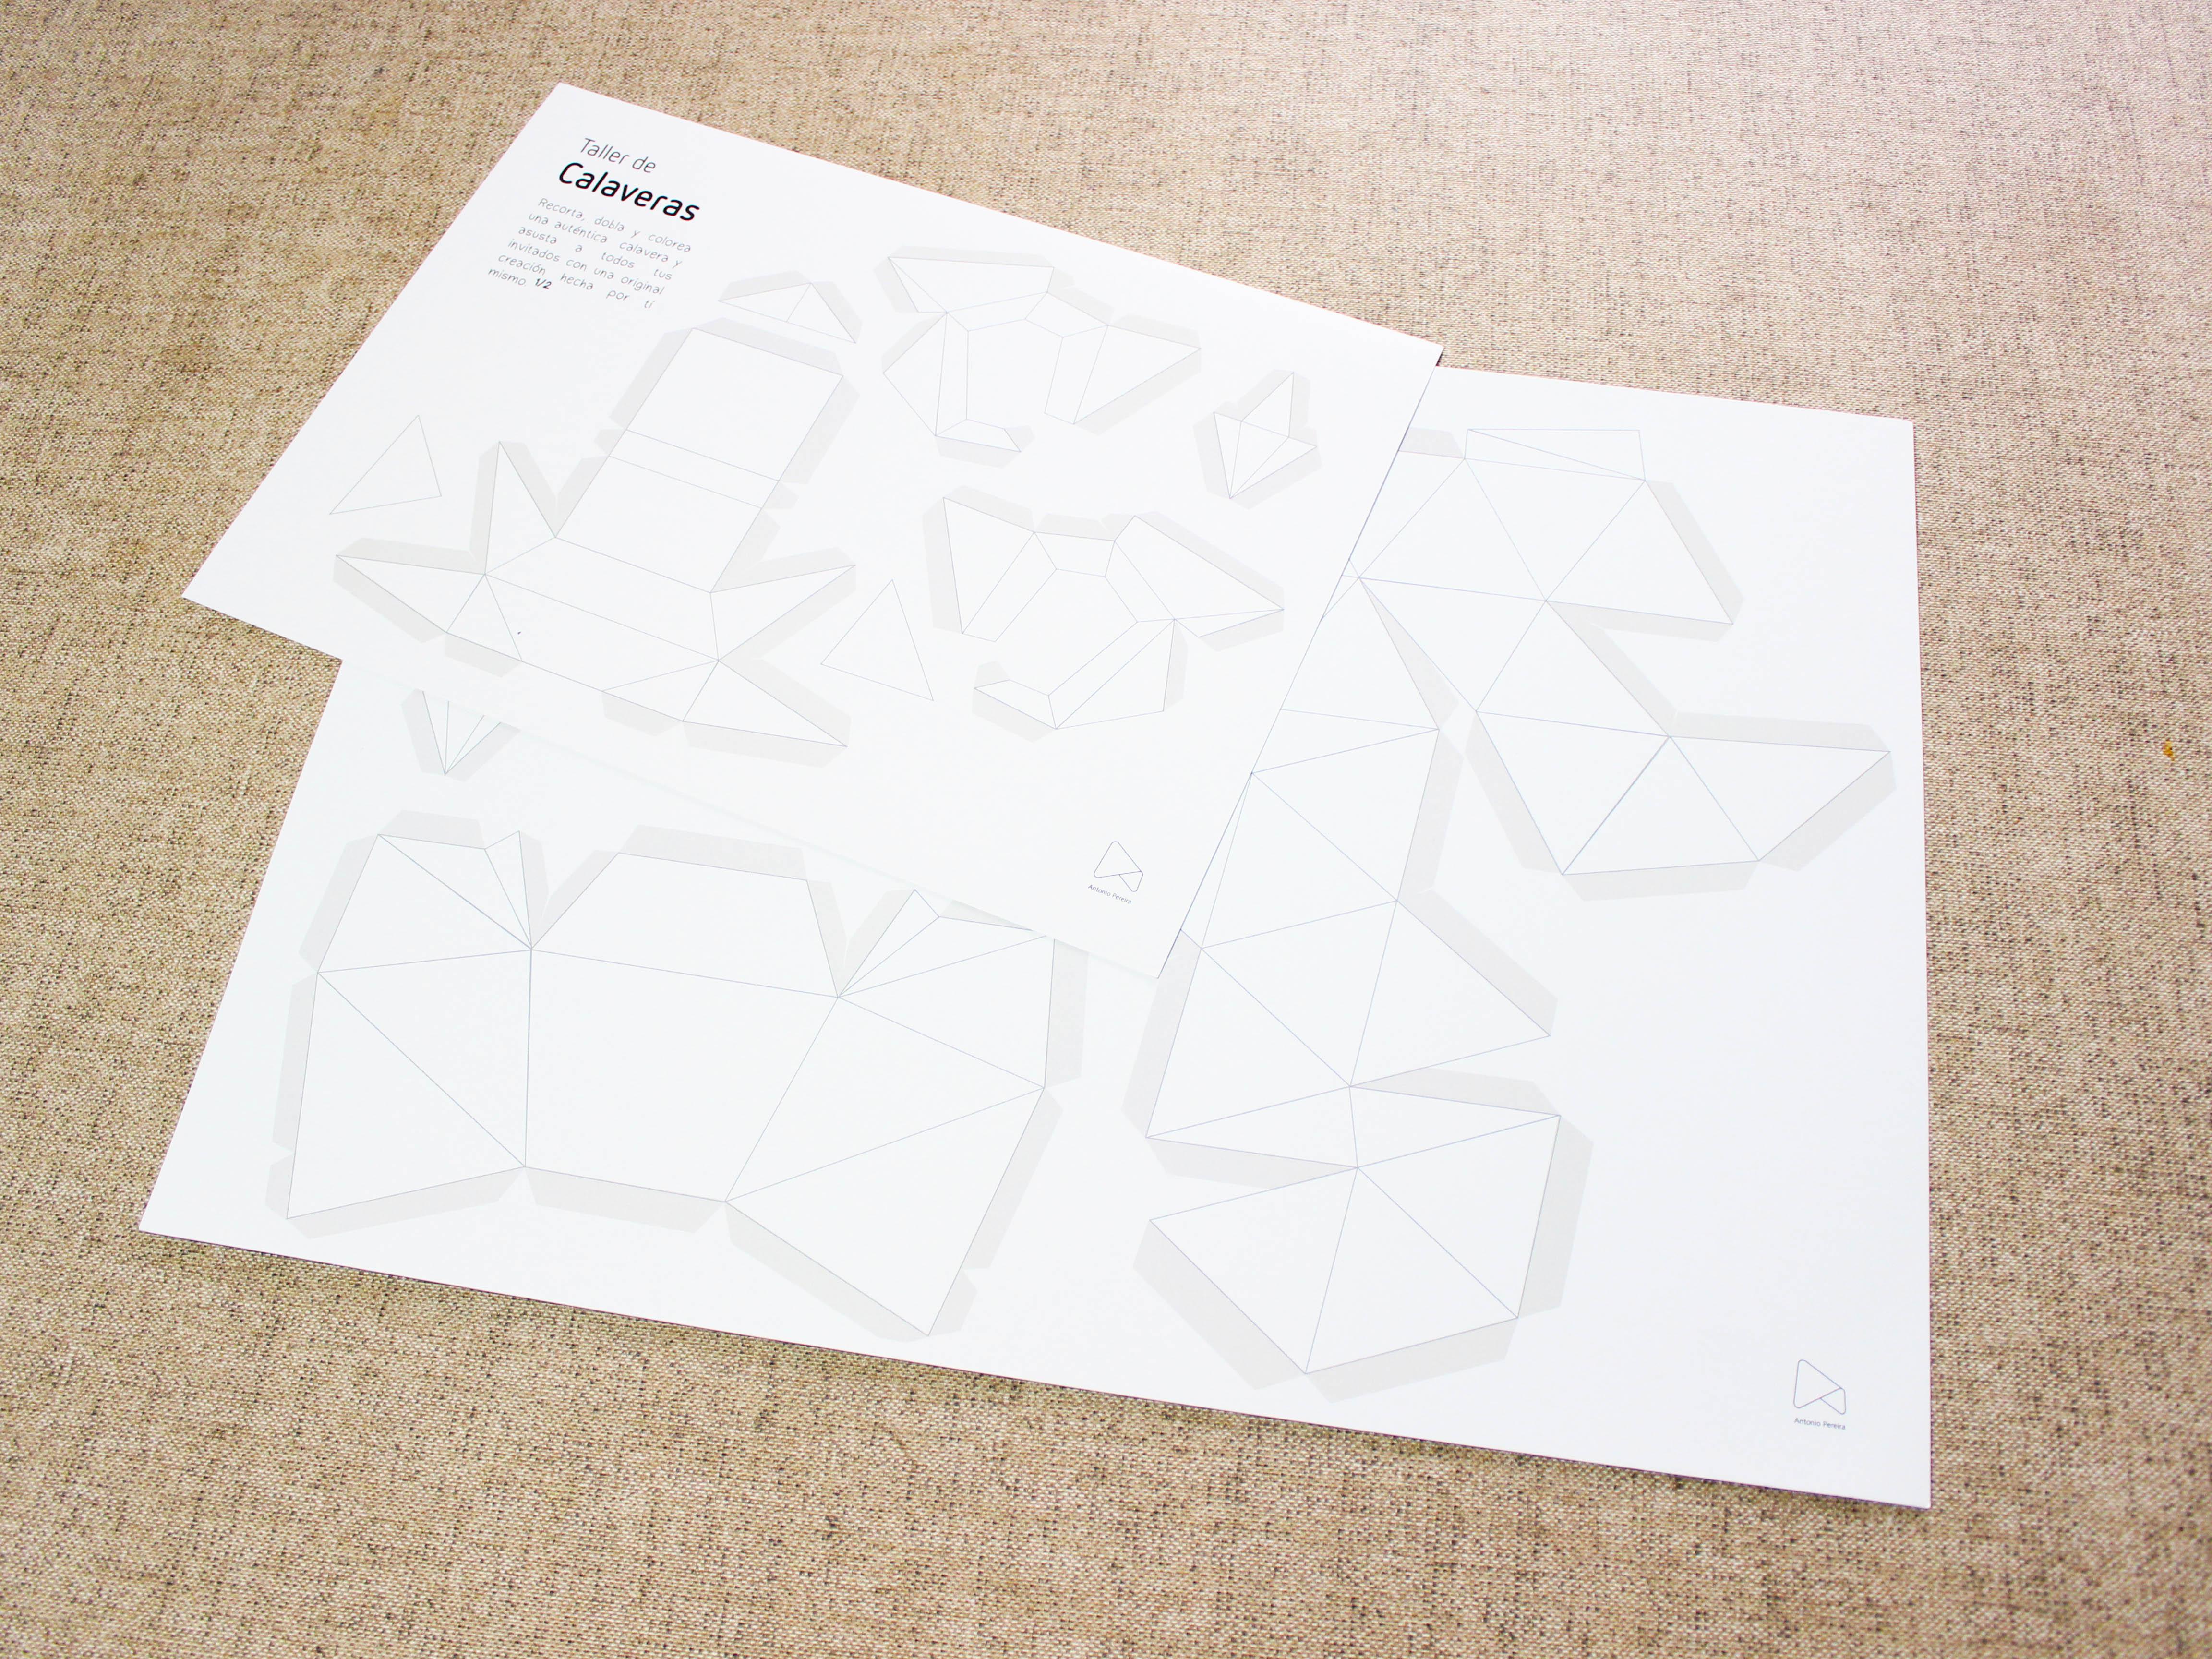 Taller de calaveras. Diseño gráfico y paperart